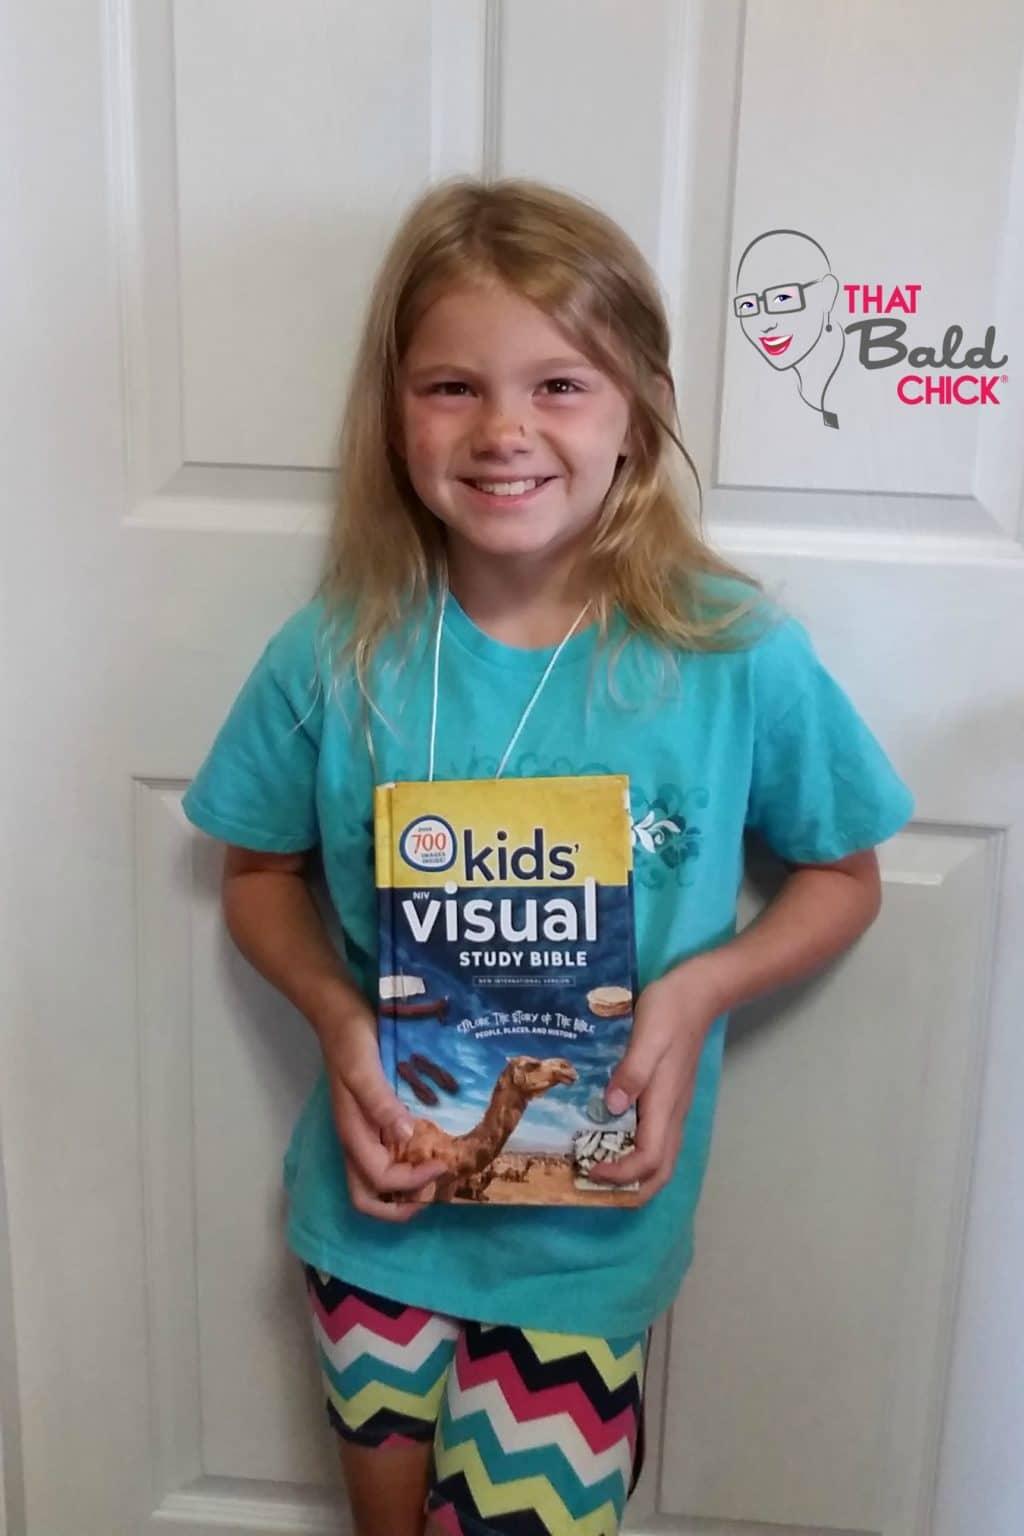 Big smiles for the NIV Kids Visual Study Bible